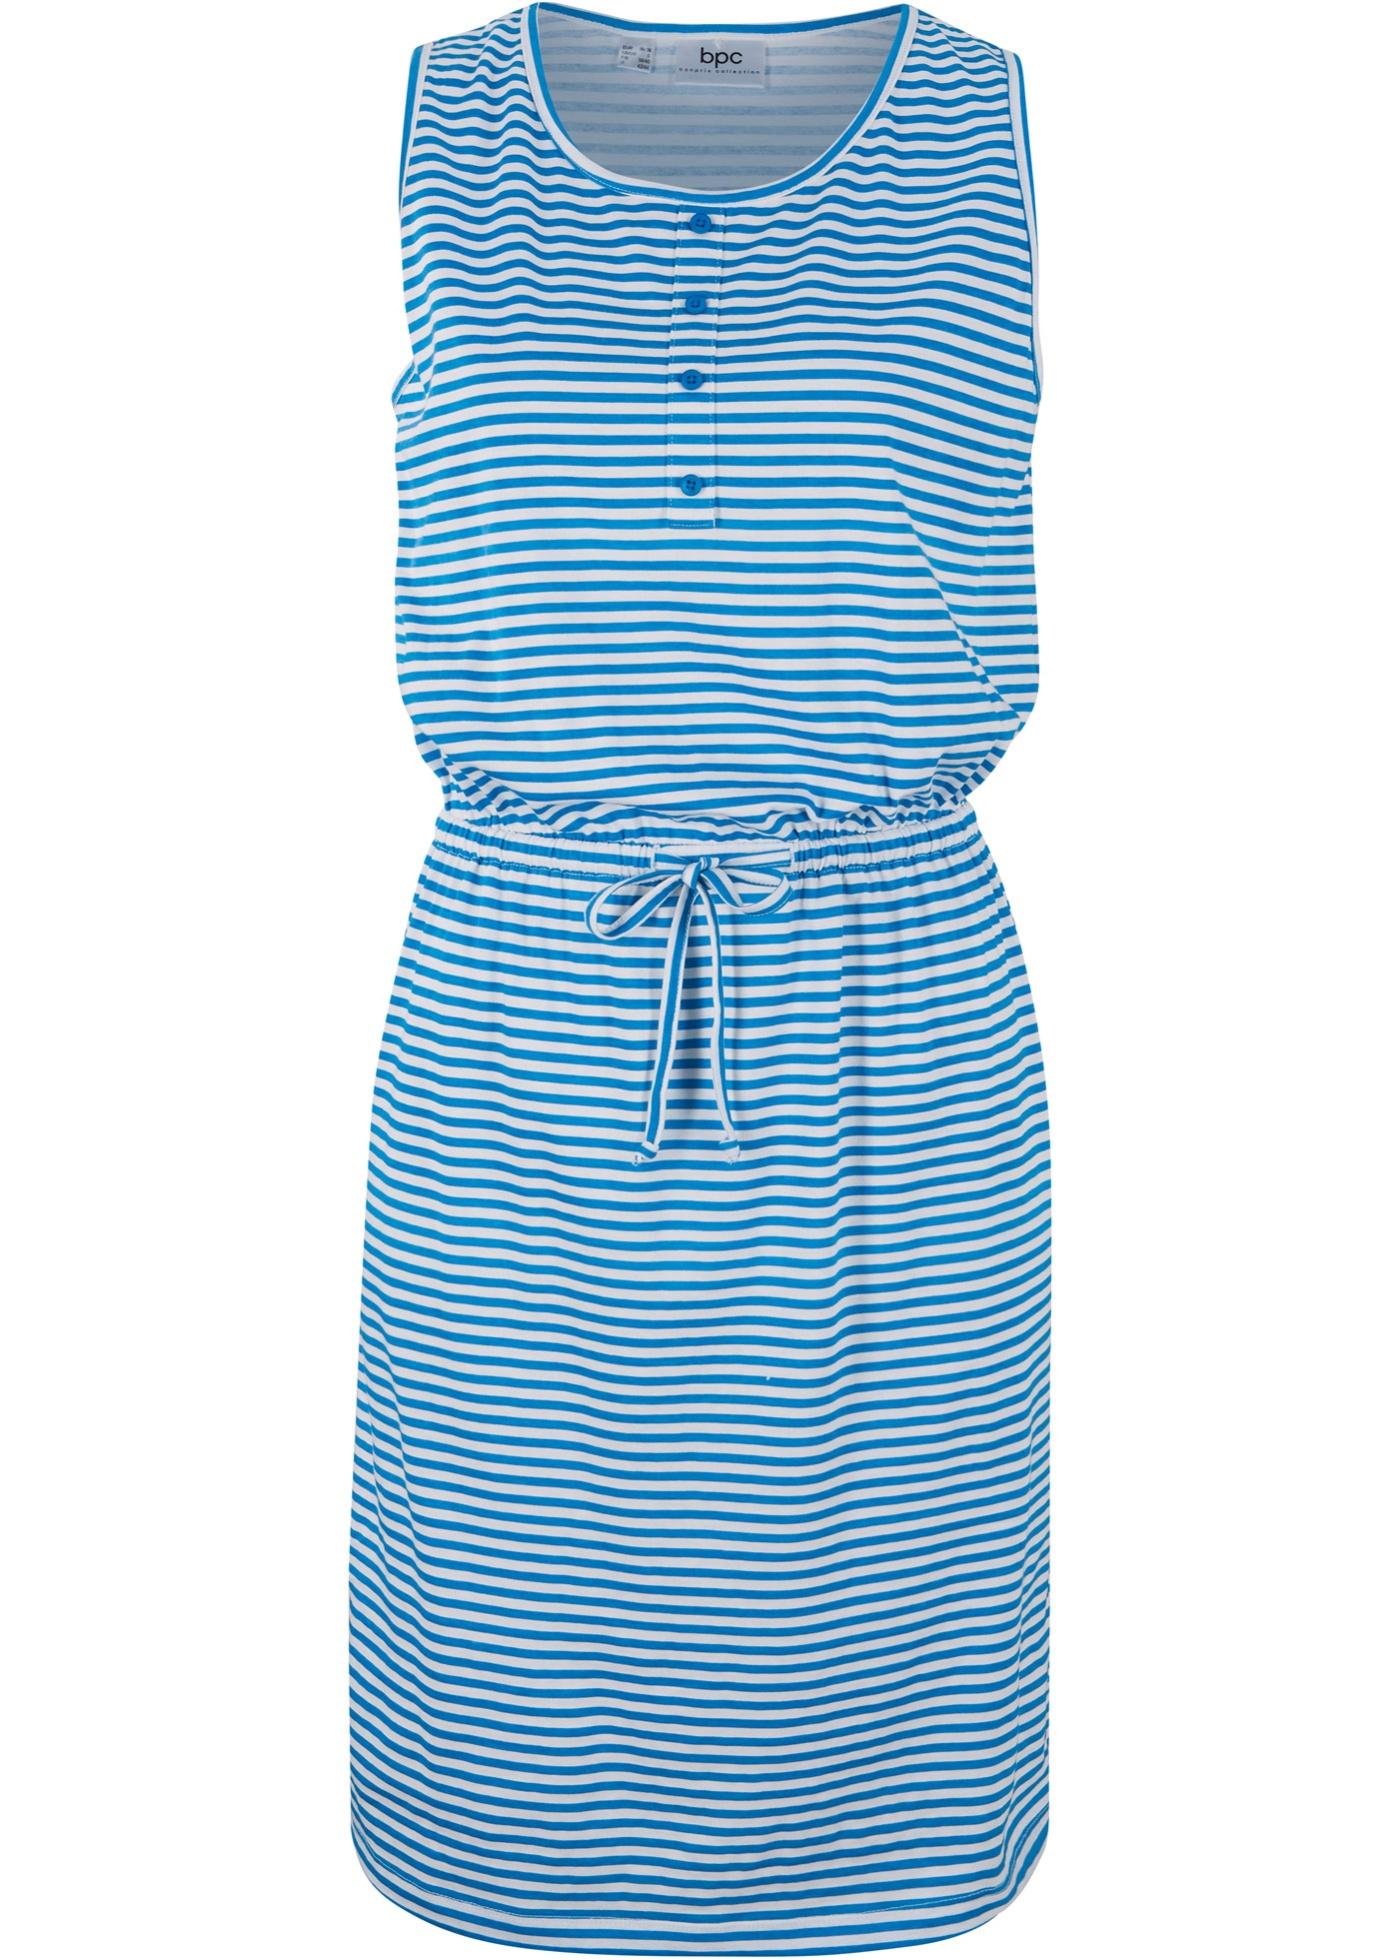 Jerseykleid mit Knopfleiste und Bindeband